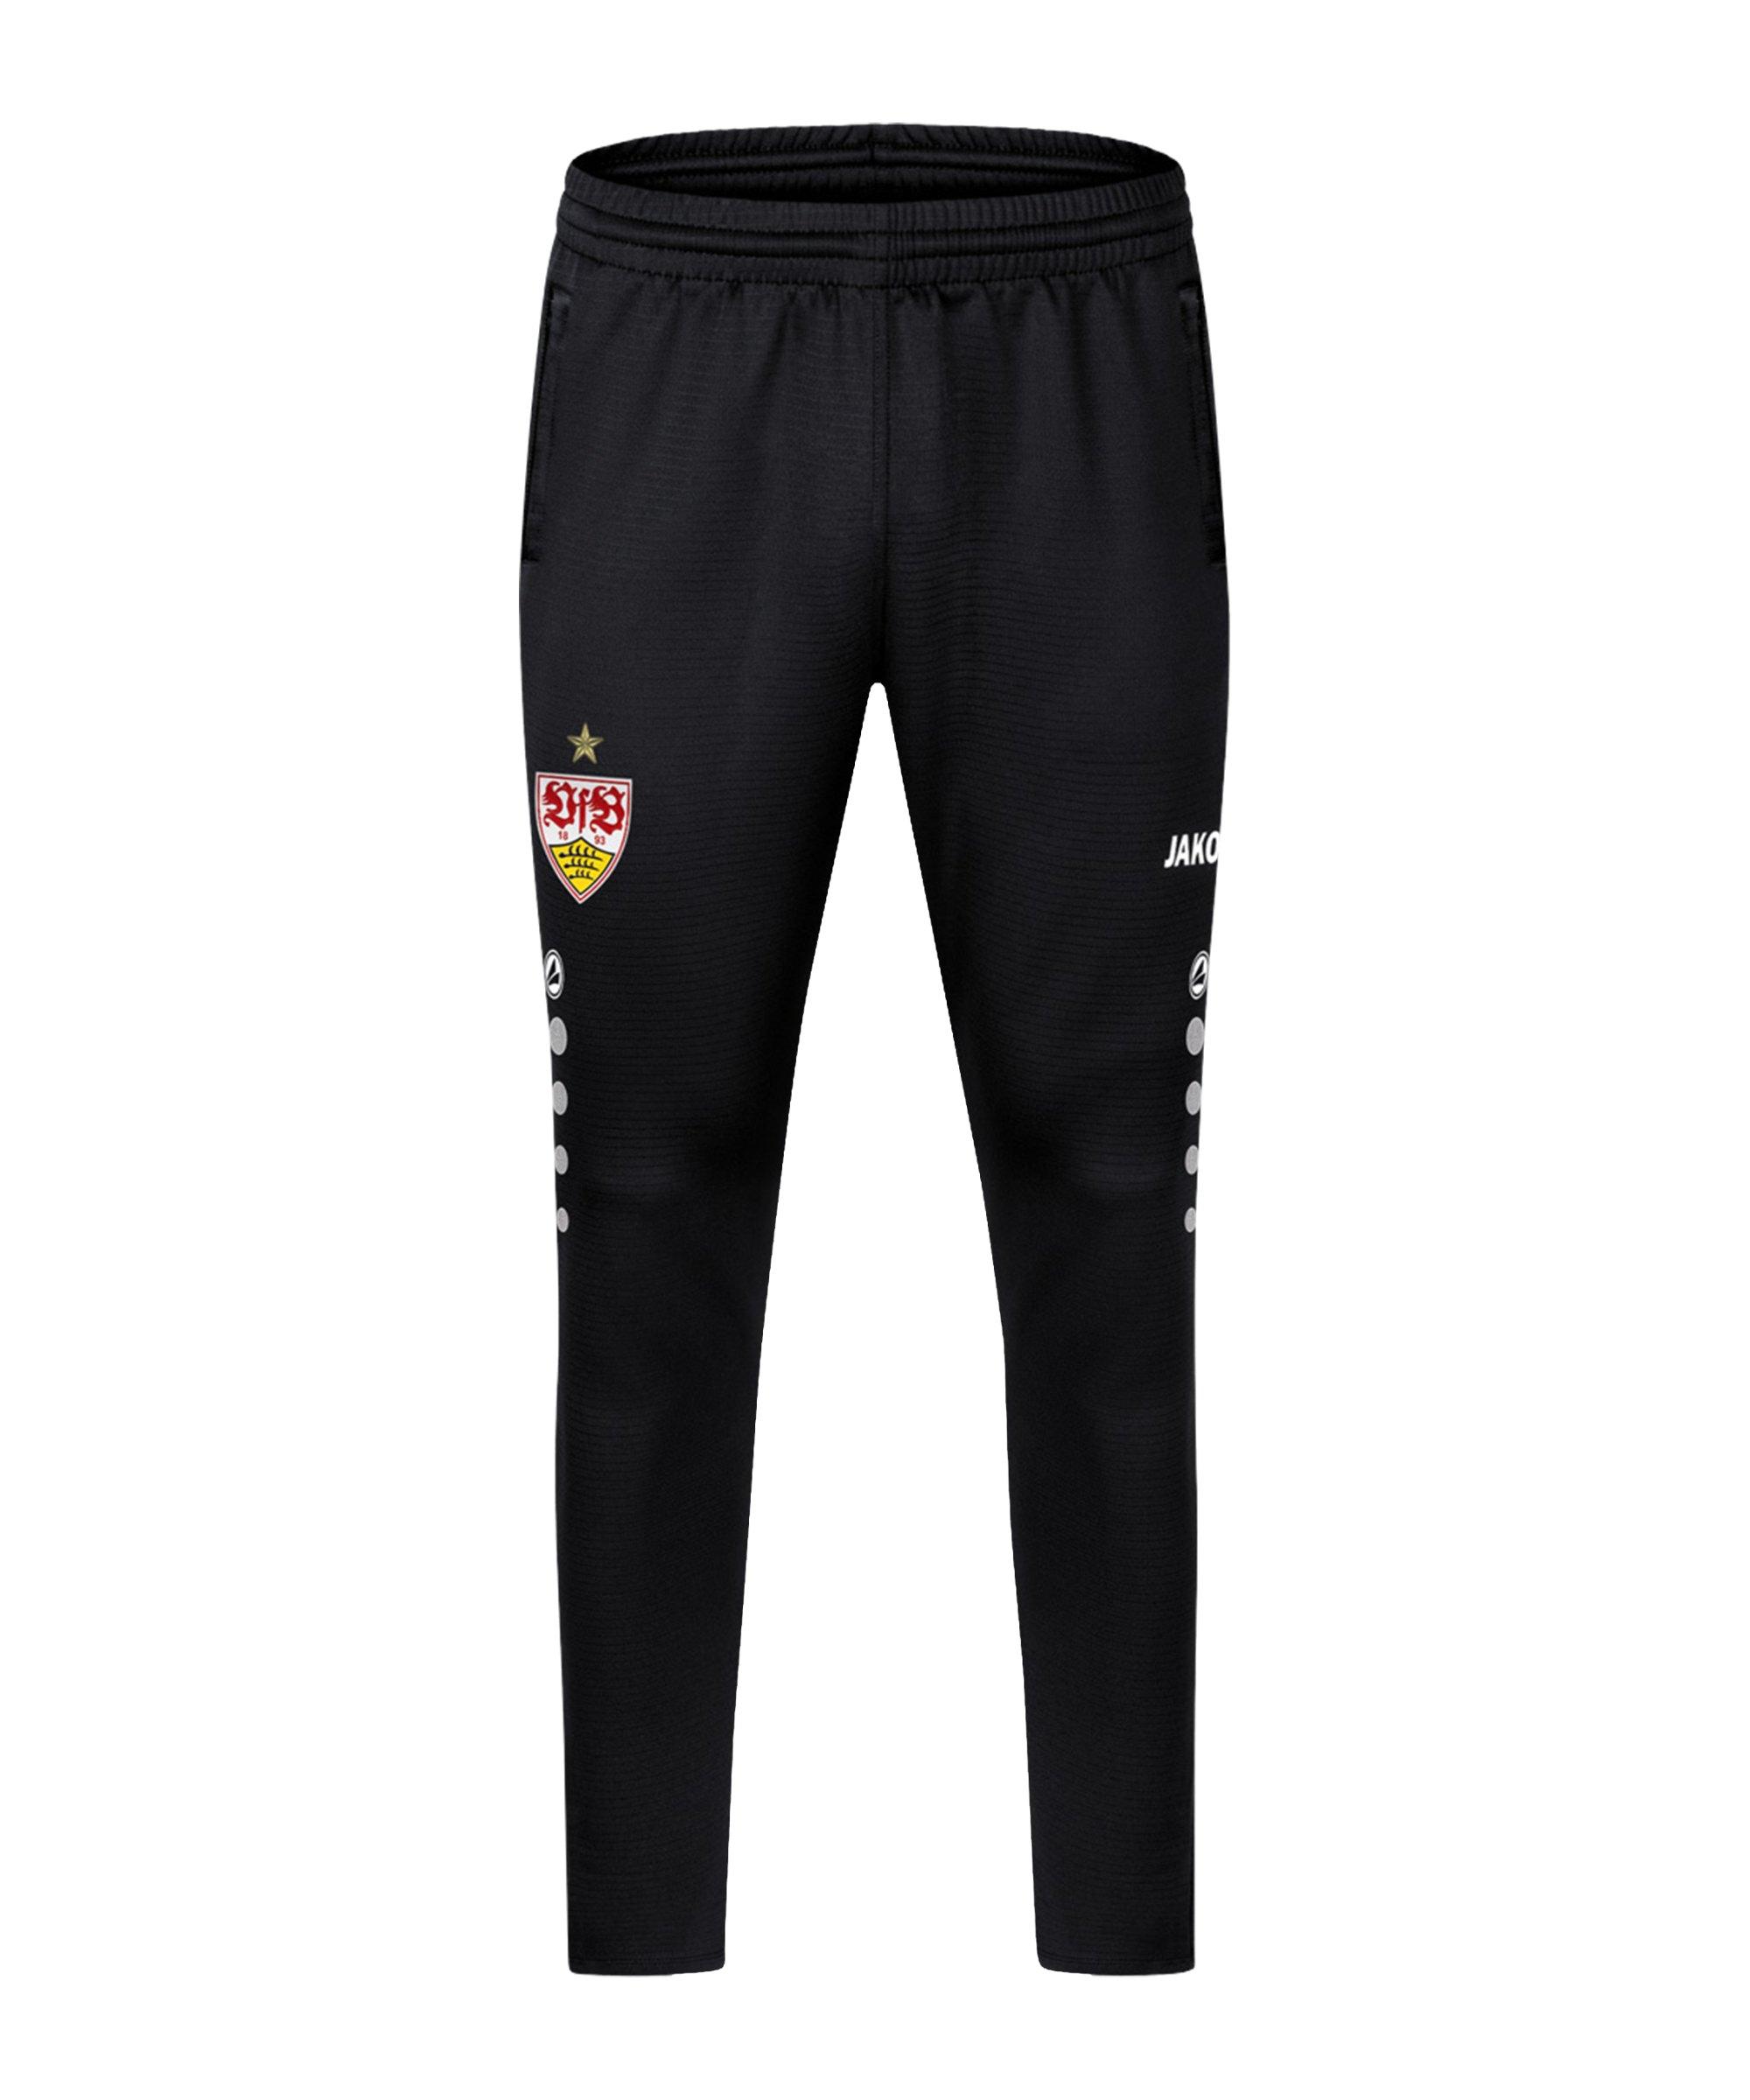 JAKO VfB Stuttgart Challenge Trainingshose Schwarz Weiss F802 - schwarz